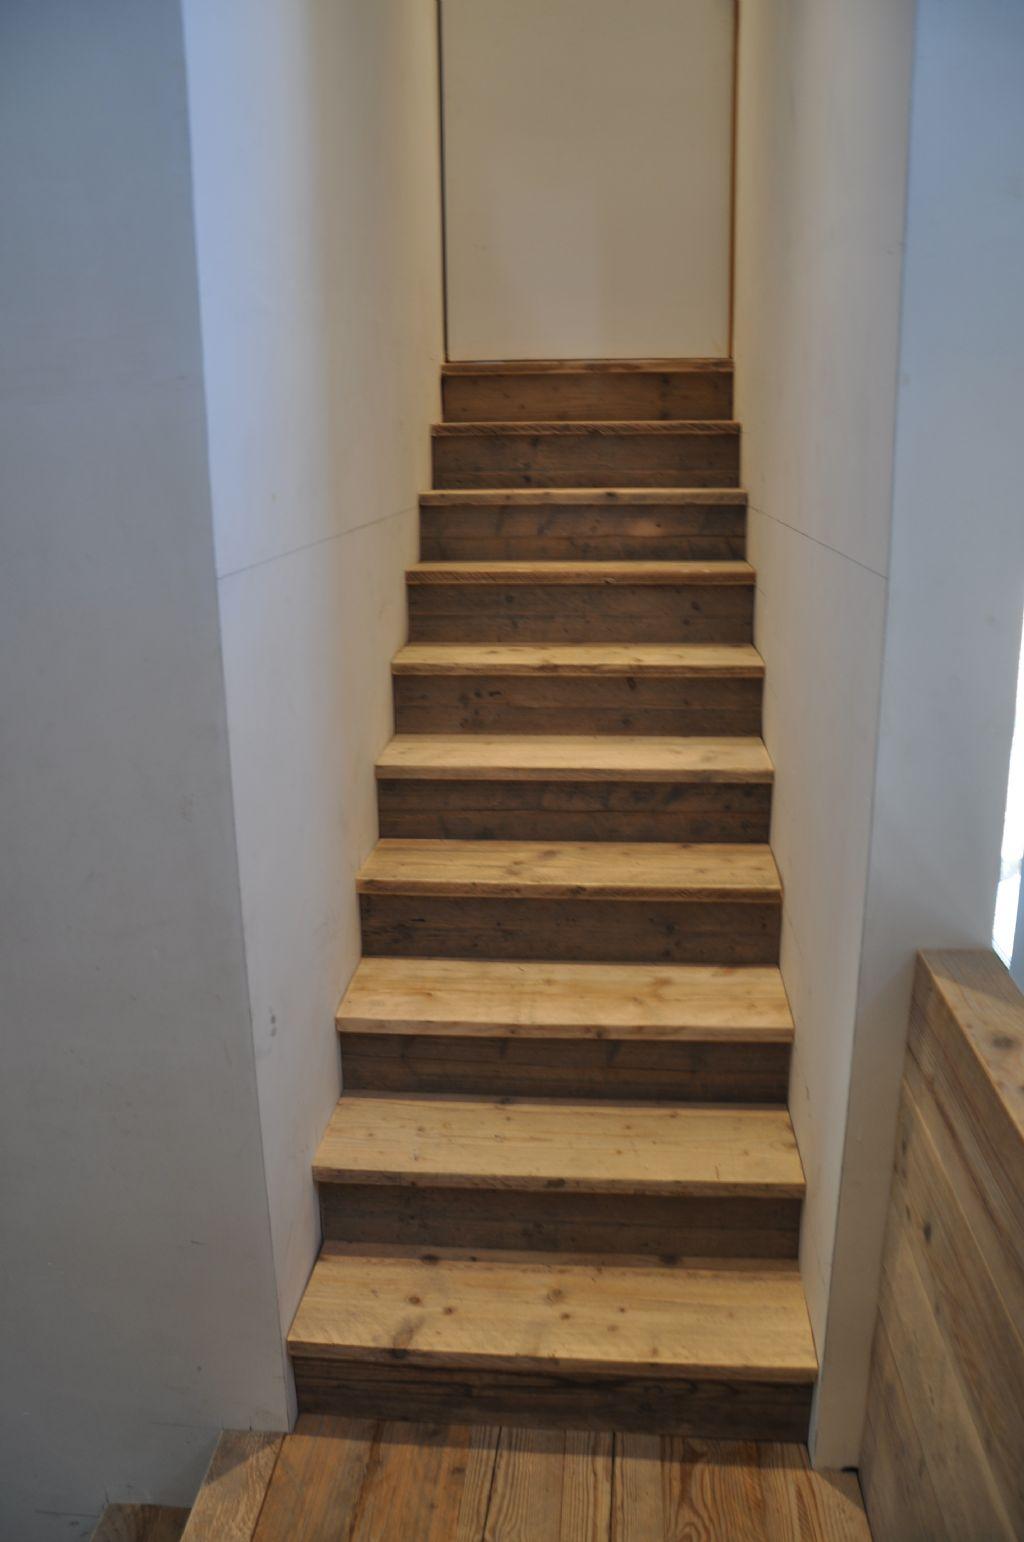 Trappen sd schrijnwerkerij sd schrijnwerkerij - Gang decoratie met trap ...